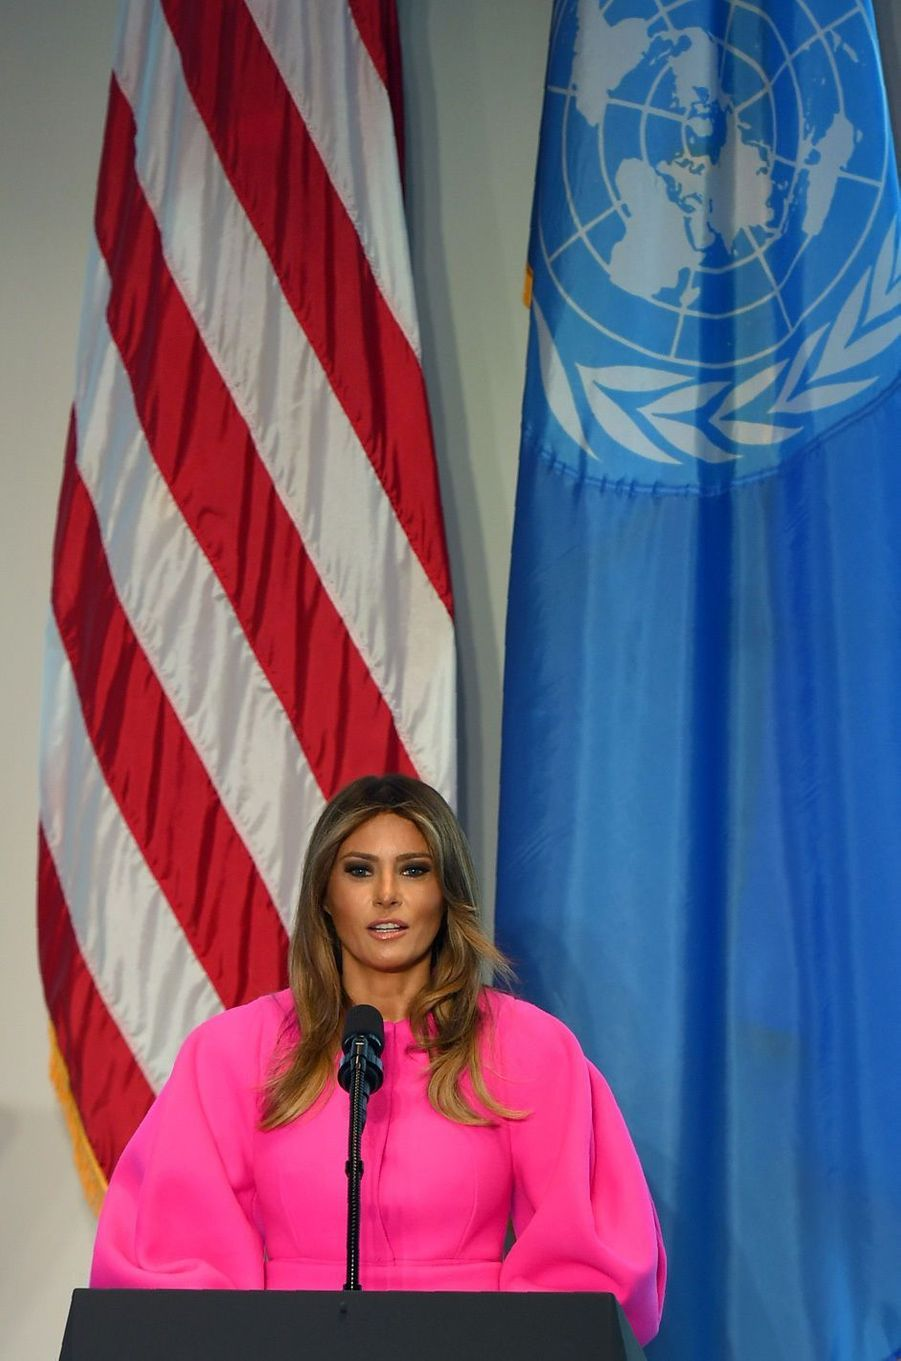 Melania Trump au cours de l'Assemblée générale des Nations unies, le 19 septembre 2017.A voir : Melania Trump, First Lady remarquée à l'ONU